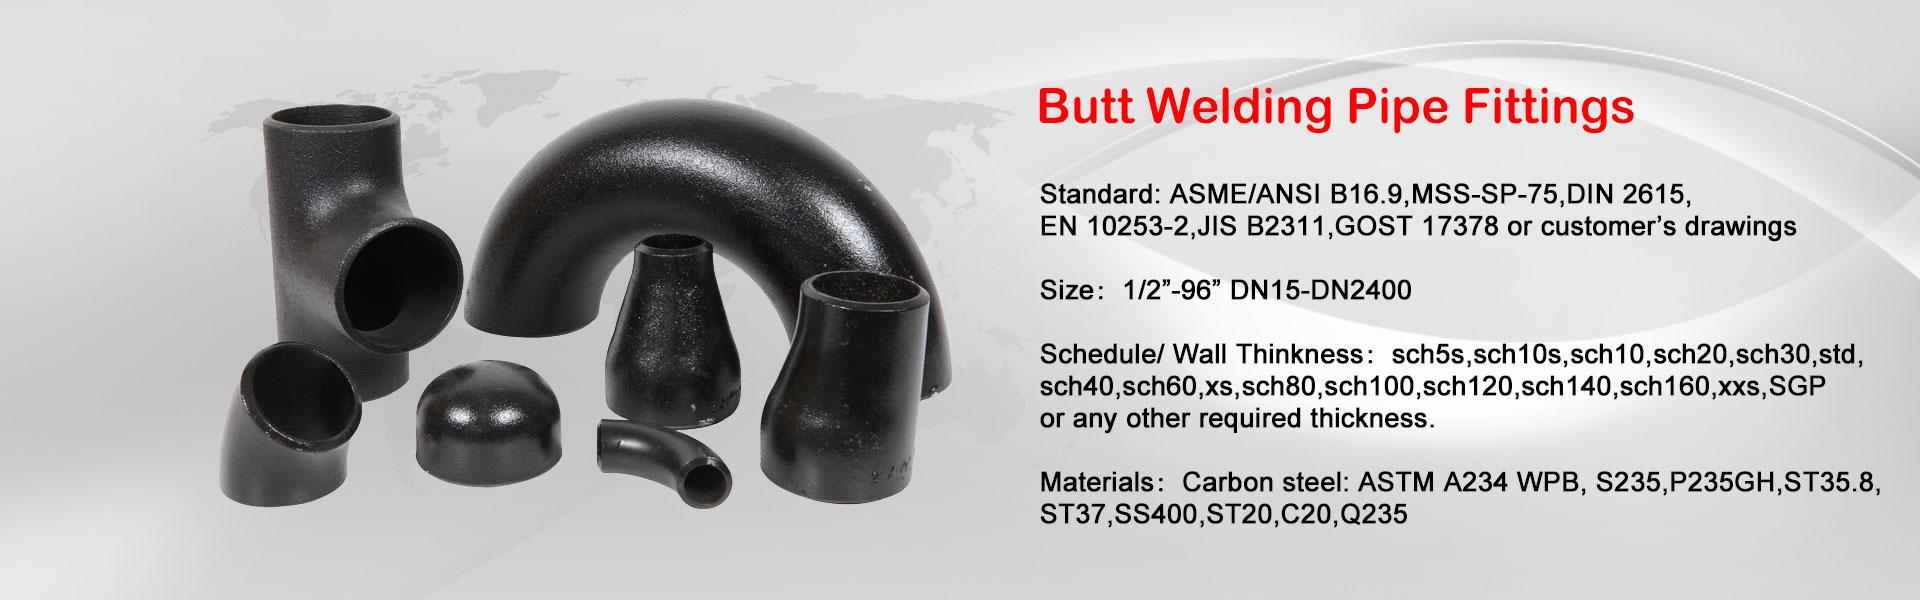 Butt-Welding-Pipe-Fittings